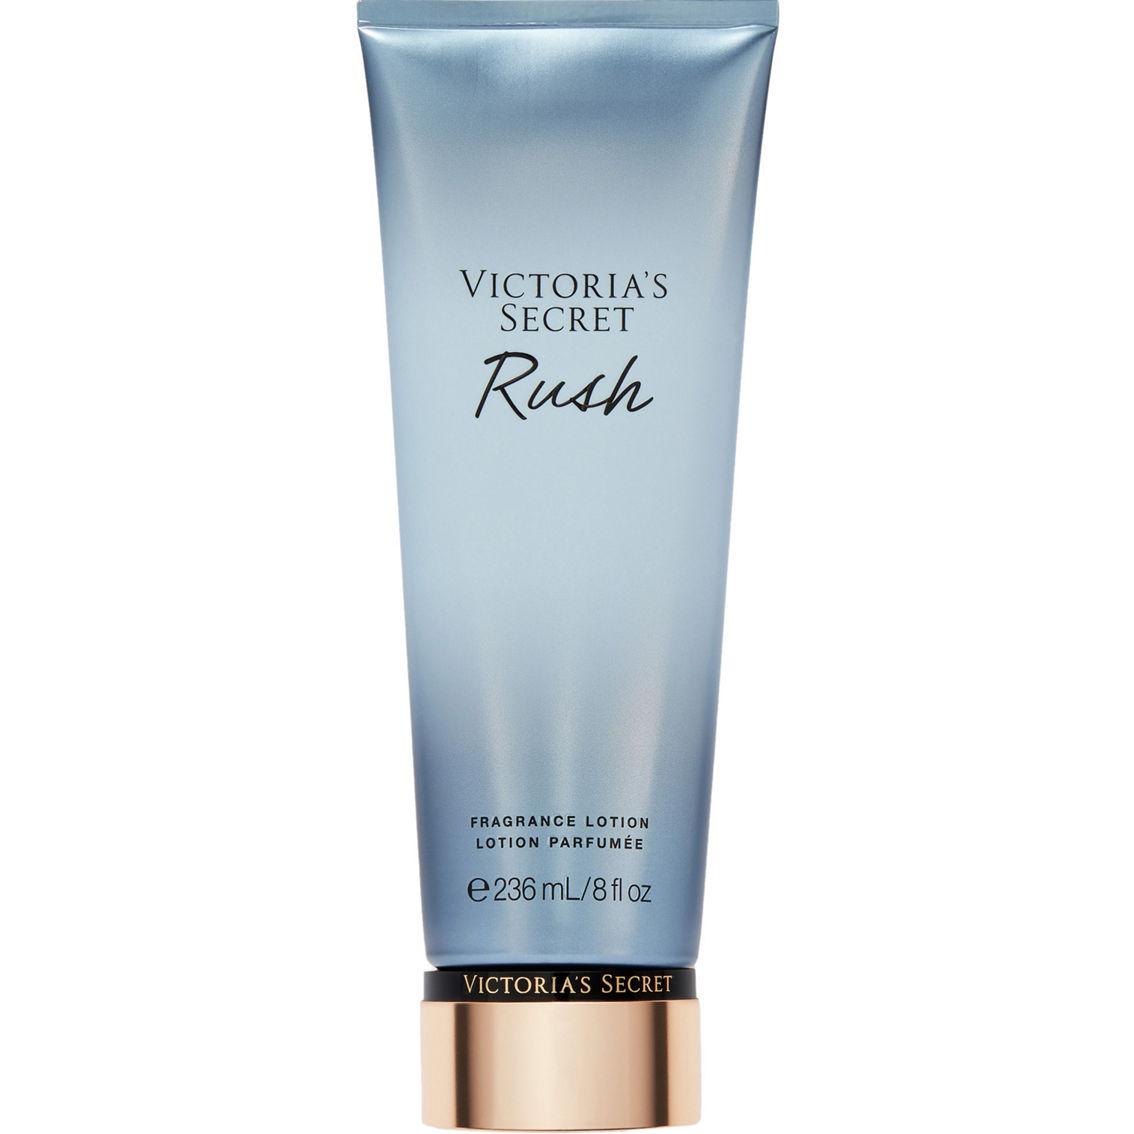 ผลการค้นหารูปภาพสำหรับ victoria secret rush lotion